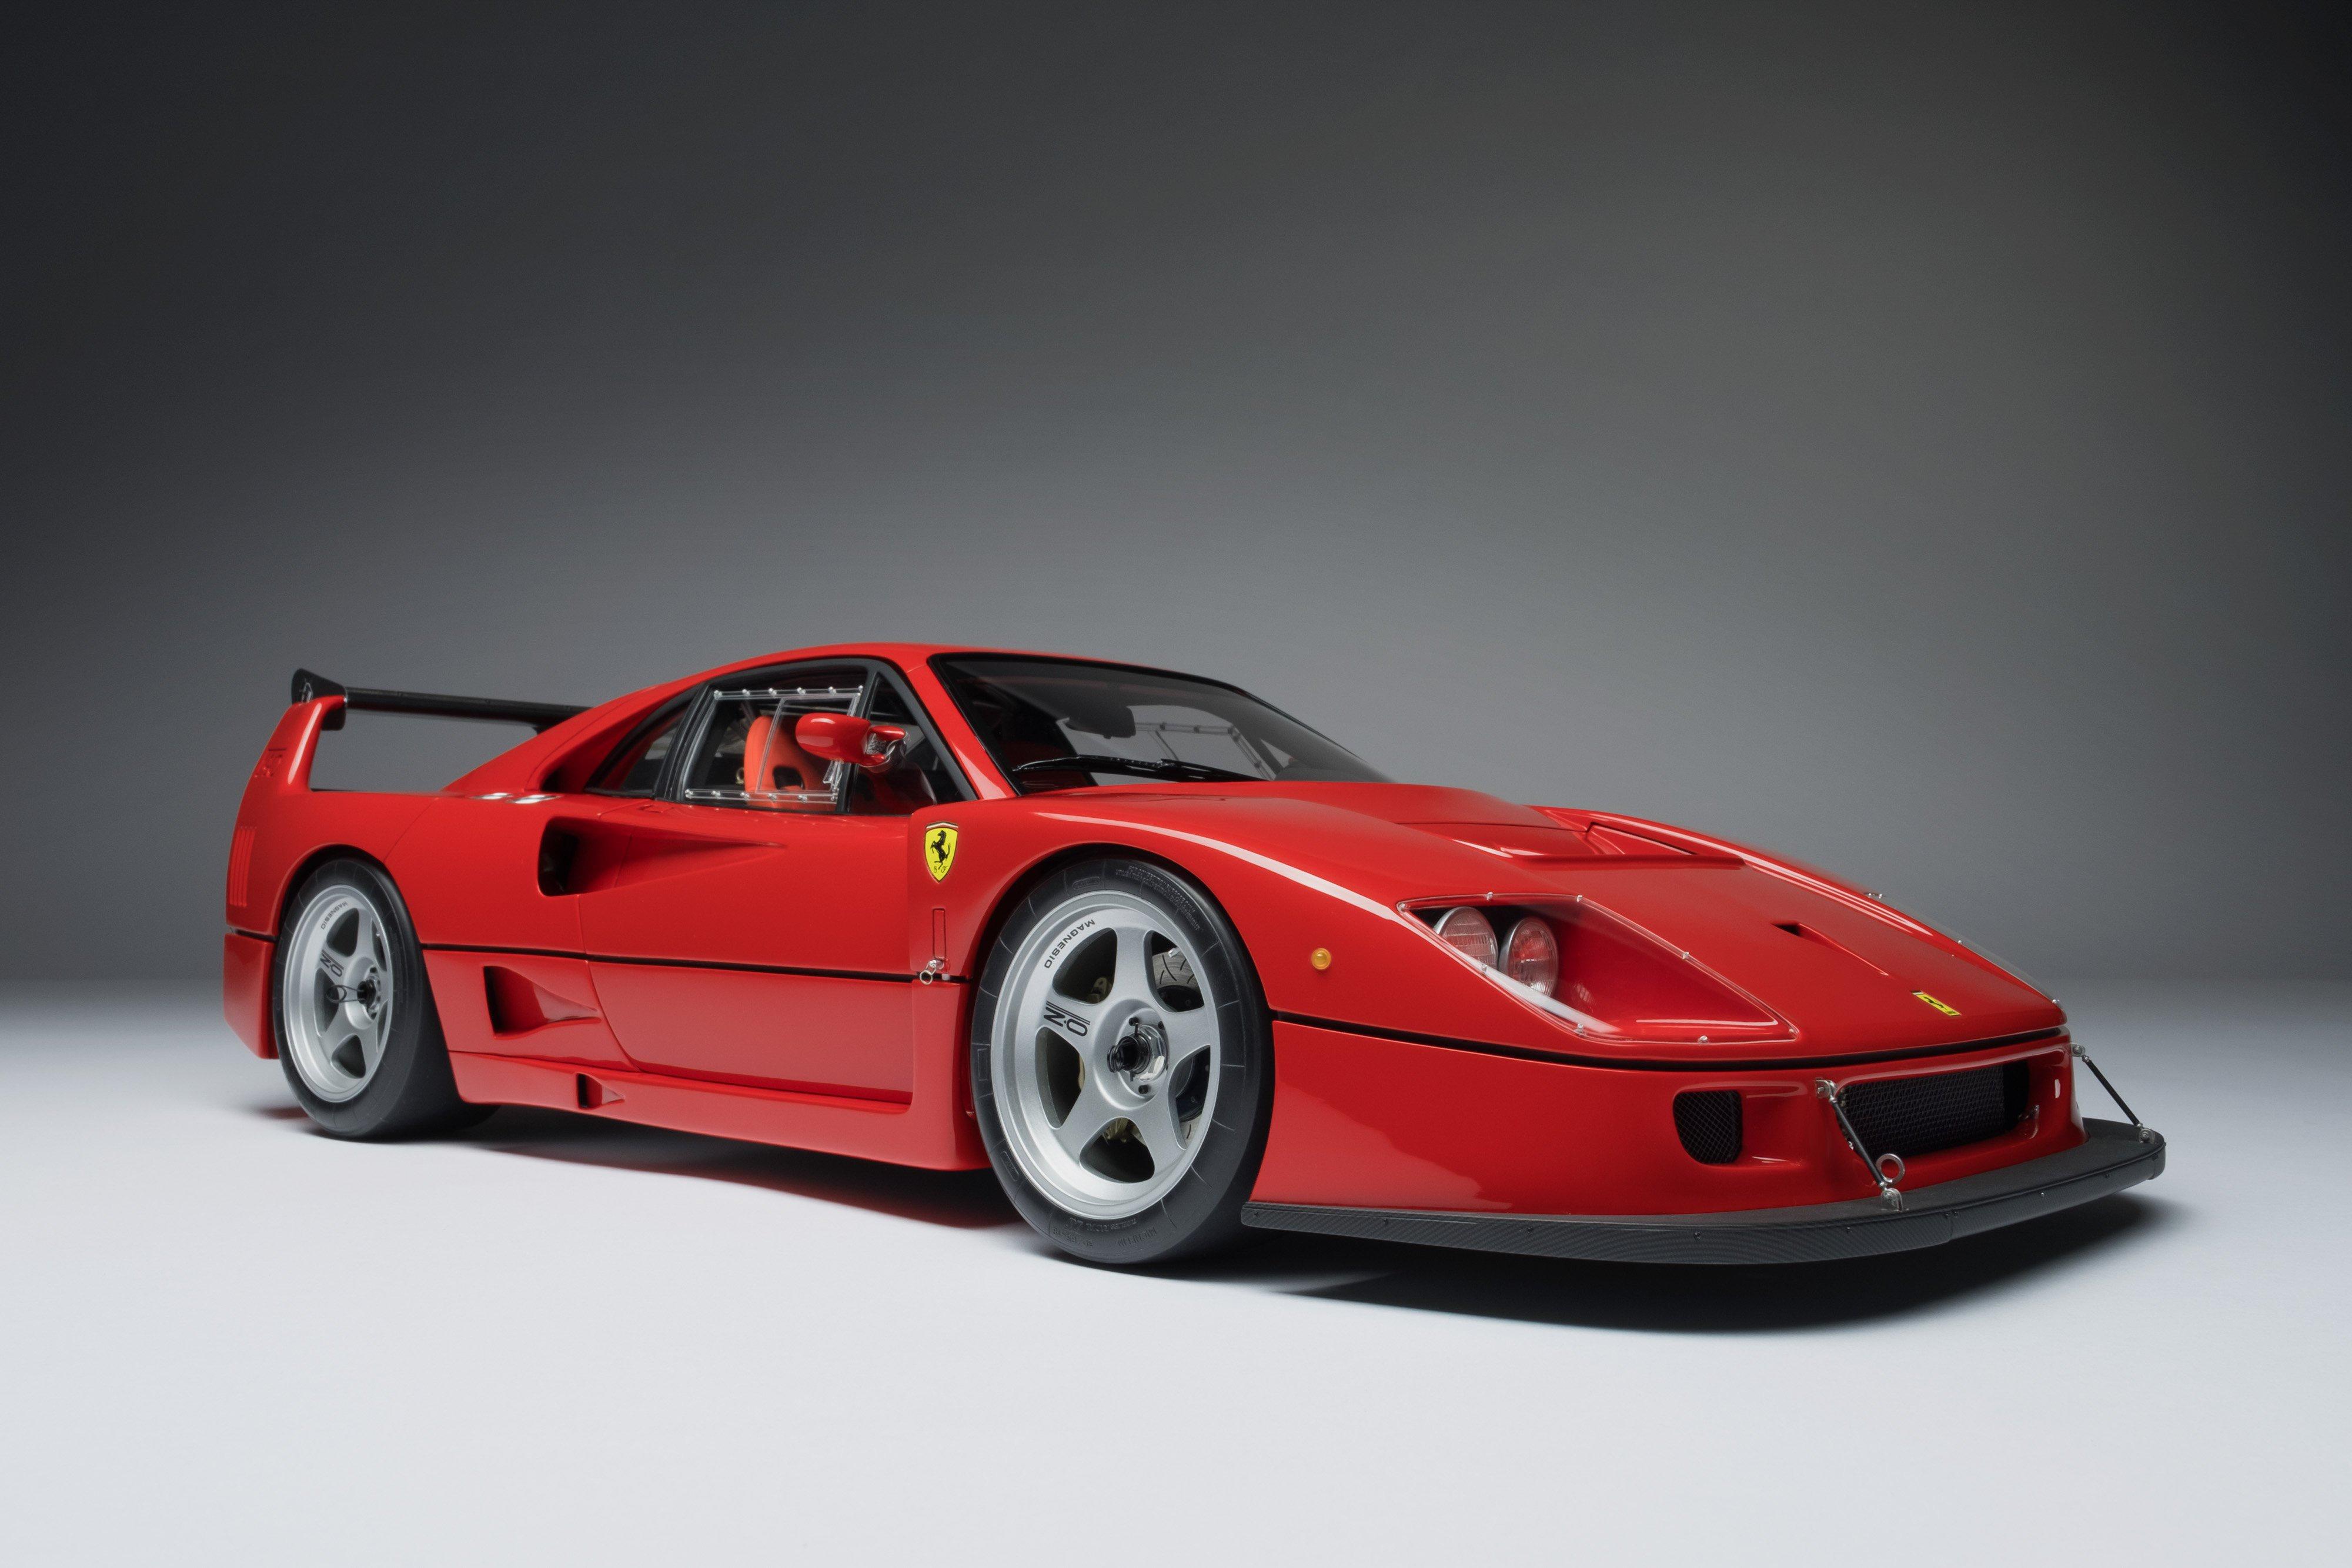 Ferrari F40 4k Ultra Hd Wallpaper Background Image 4000x2667 Id 1032394 Wallpaper Abyss